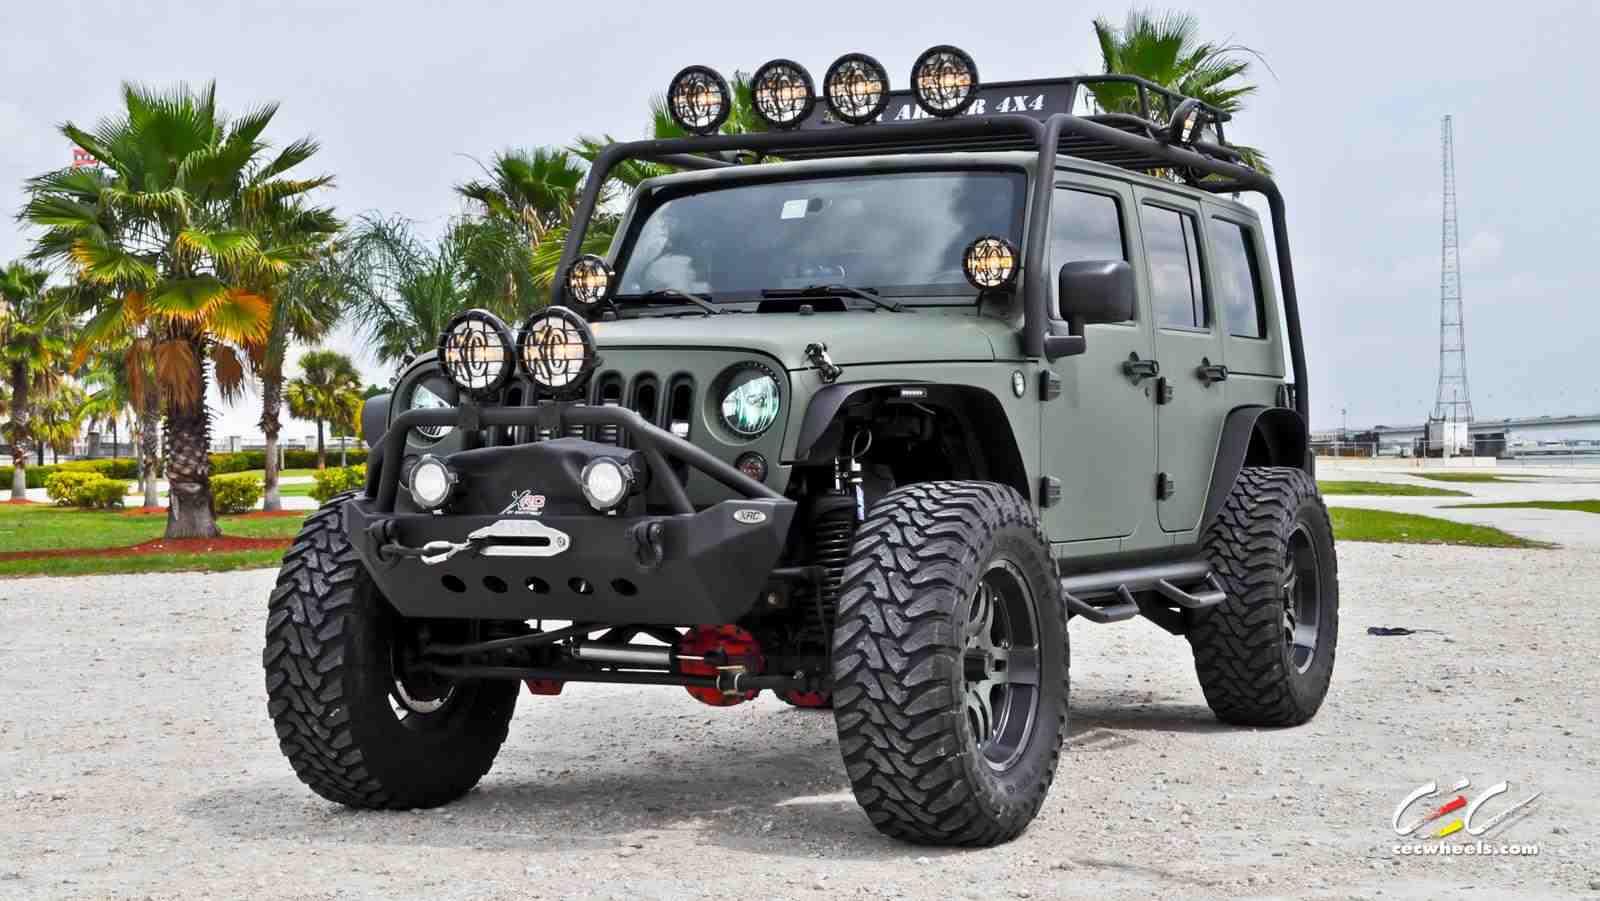 Jeep | SaharaSafaris.org